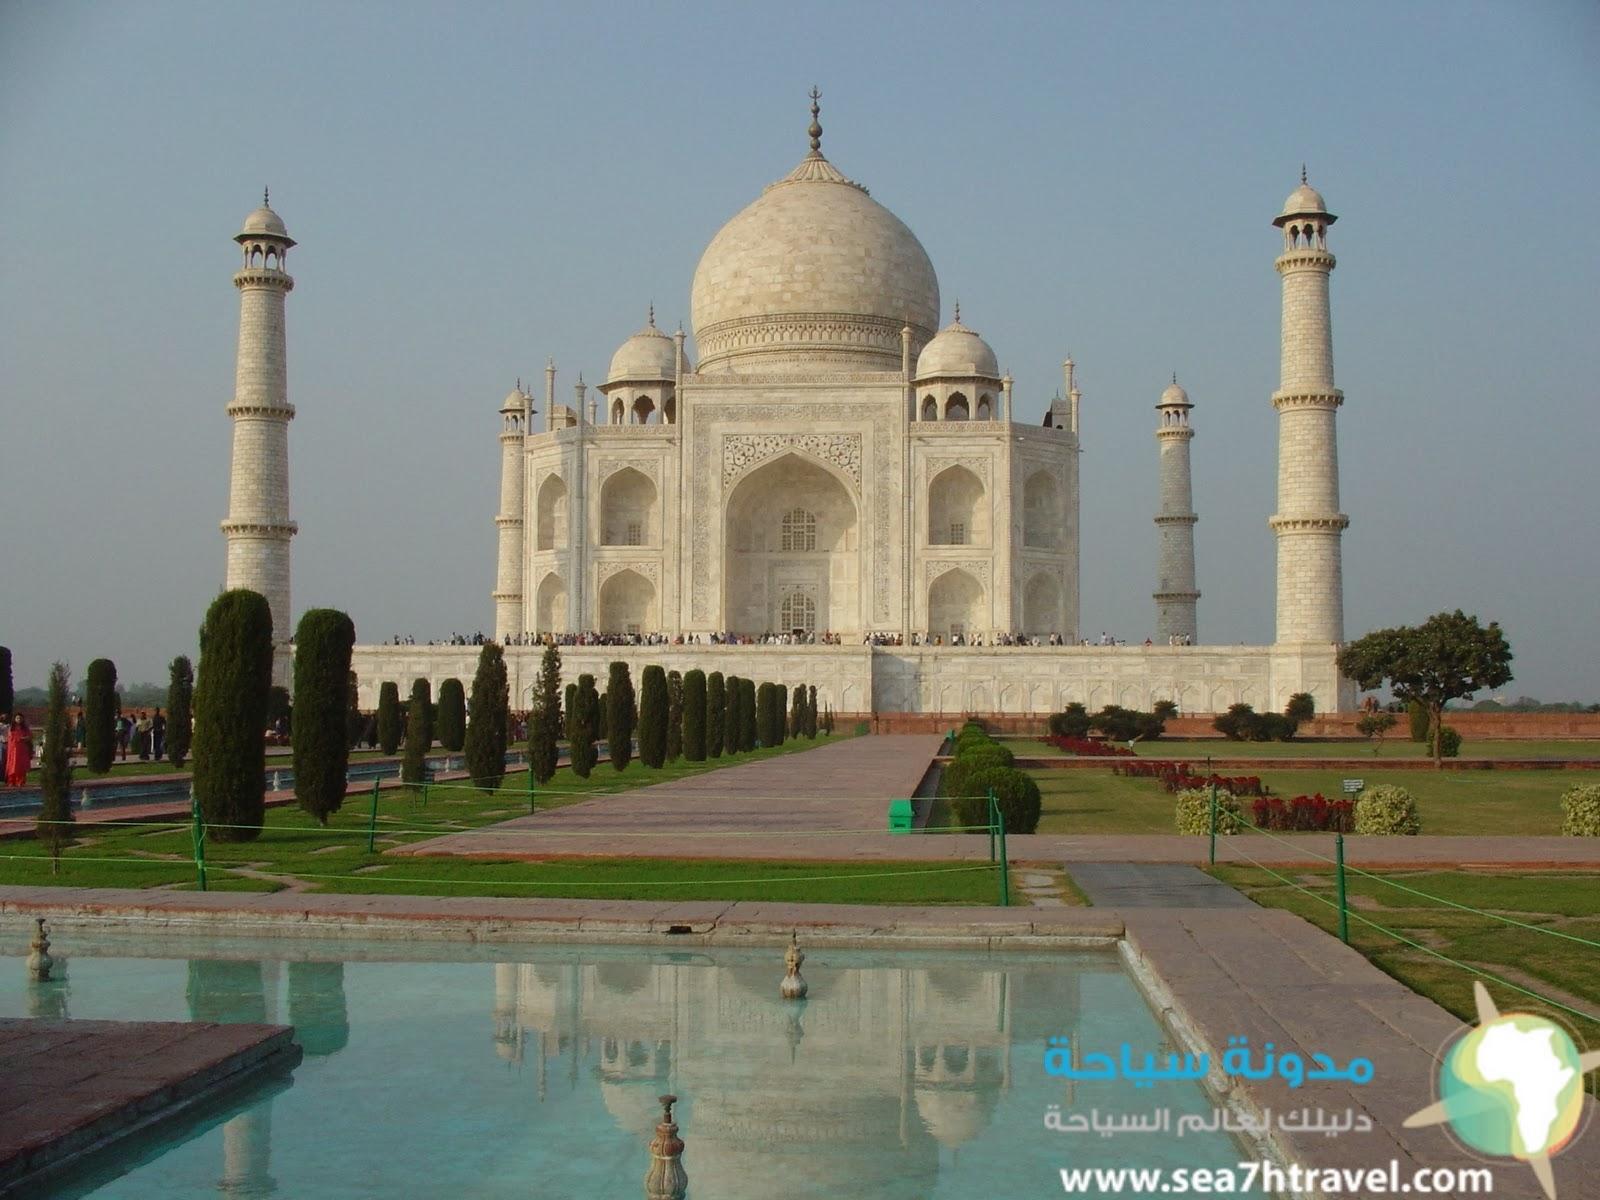 تاج محل بمدينة أغرا Agra